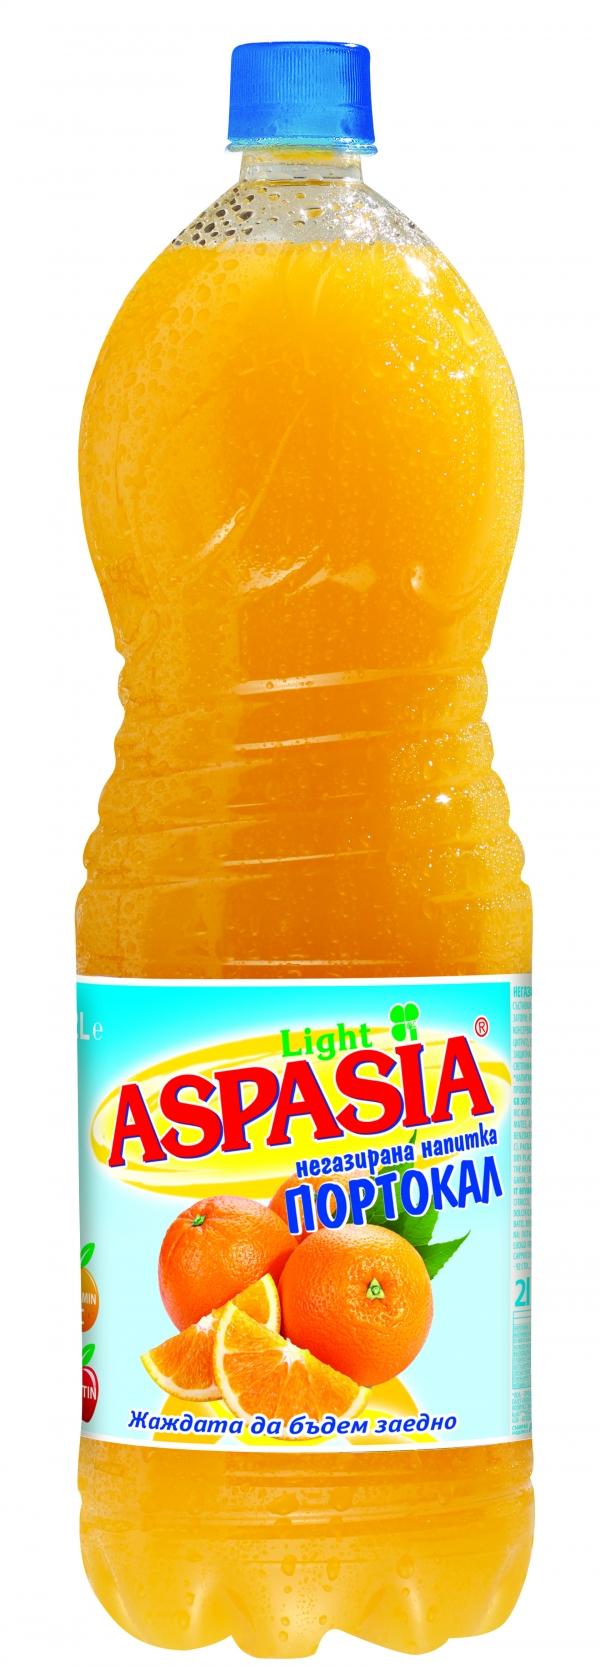 Негазирана Напитка Аспазия Портокал 2 л